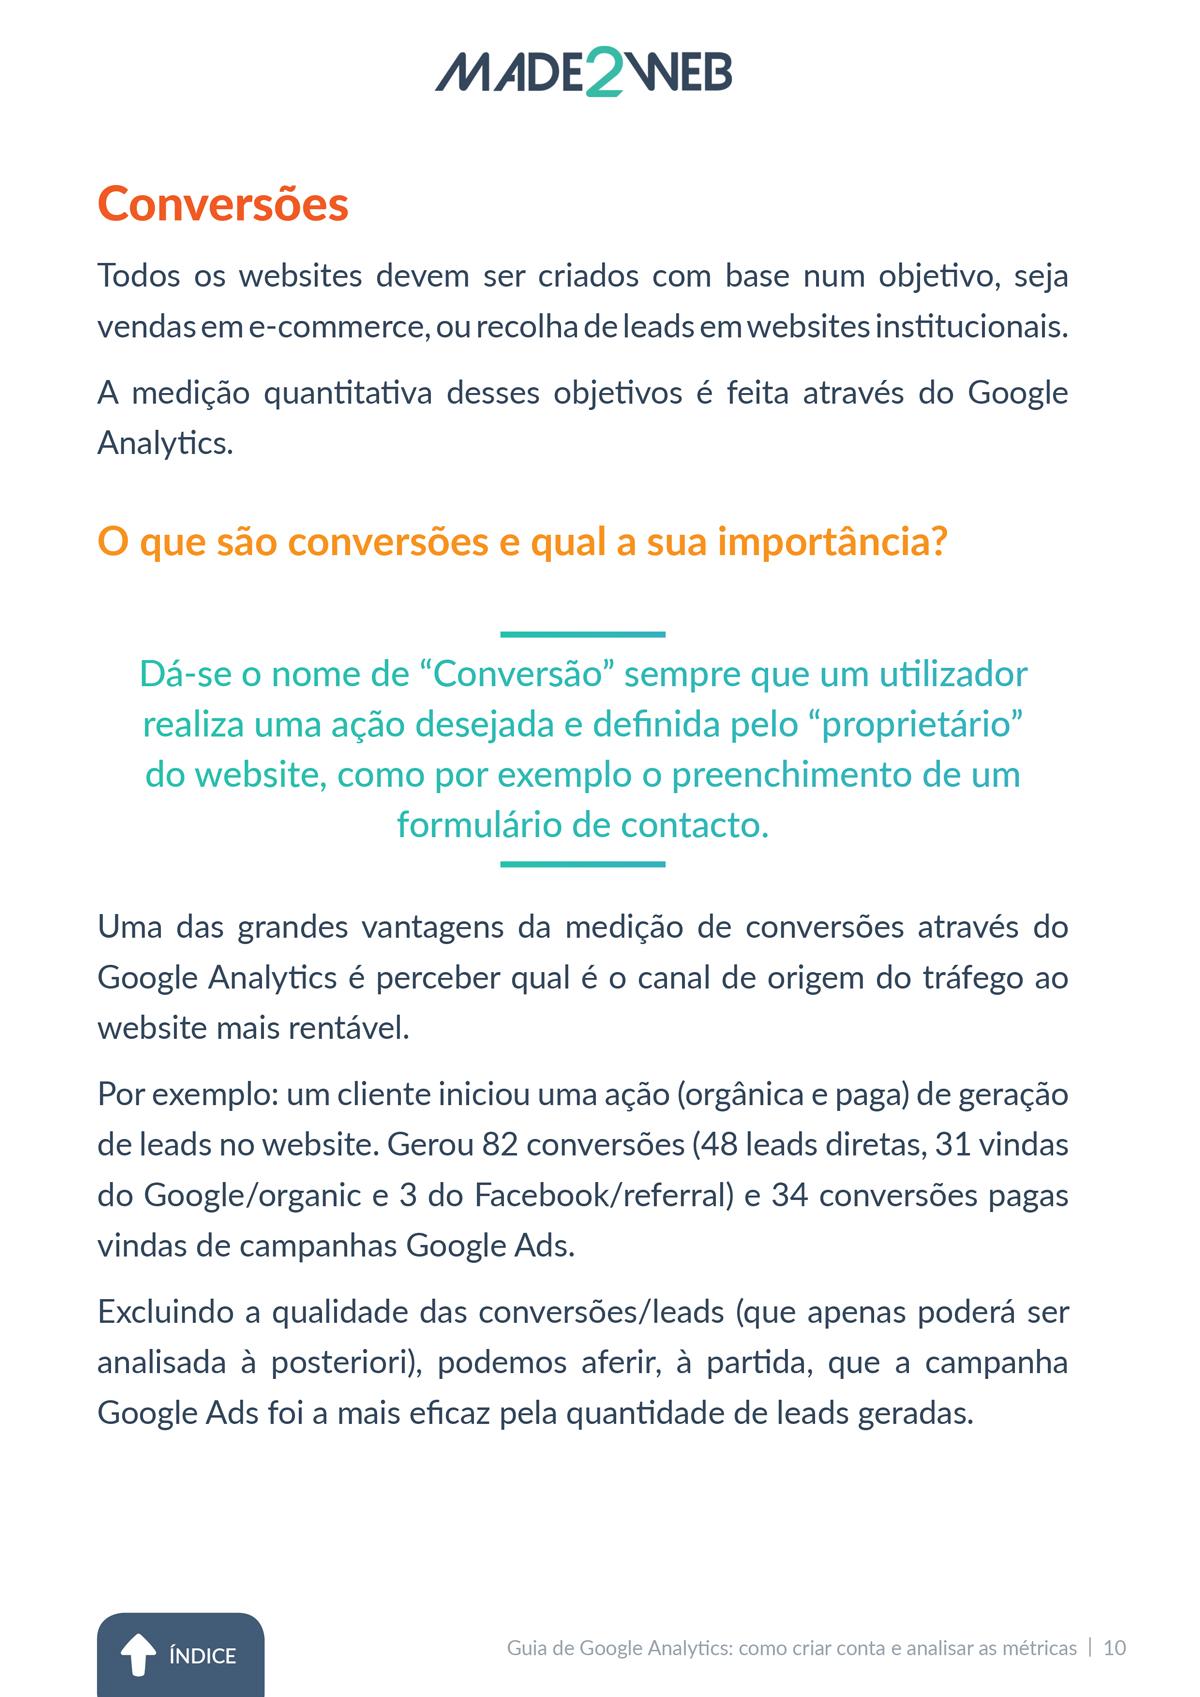 Guia Google Analytics